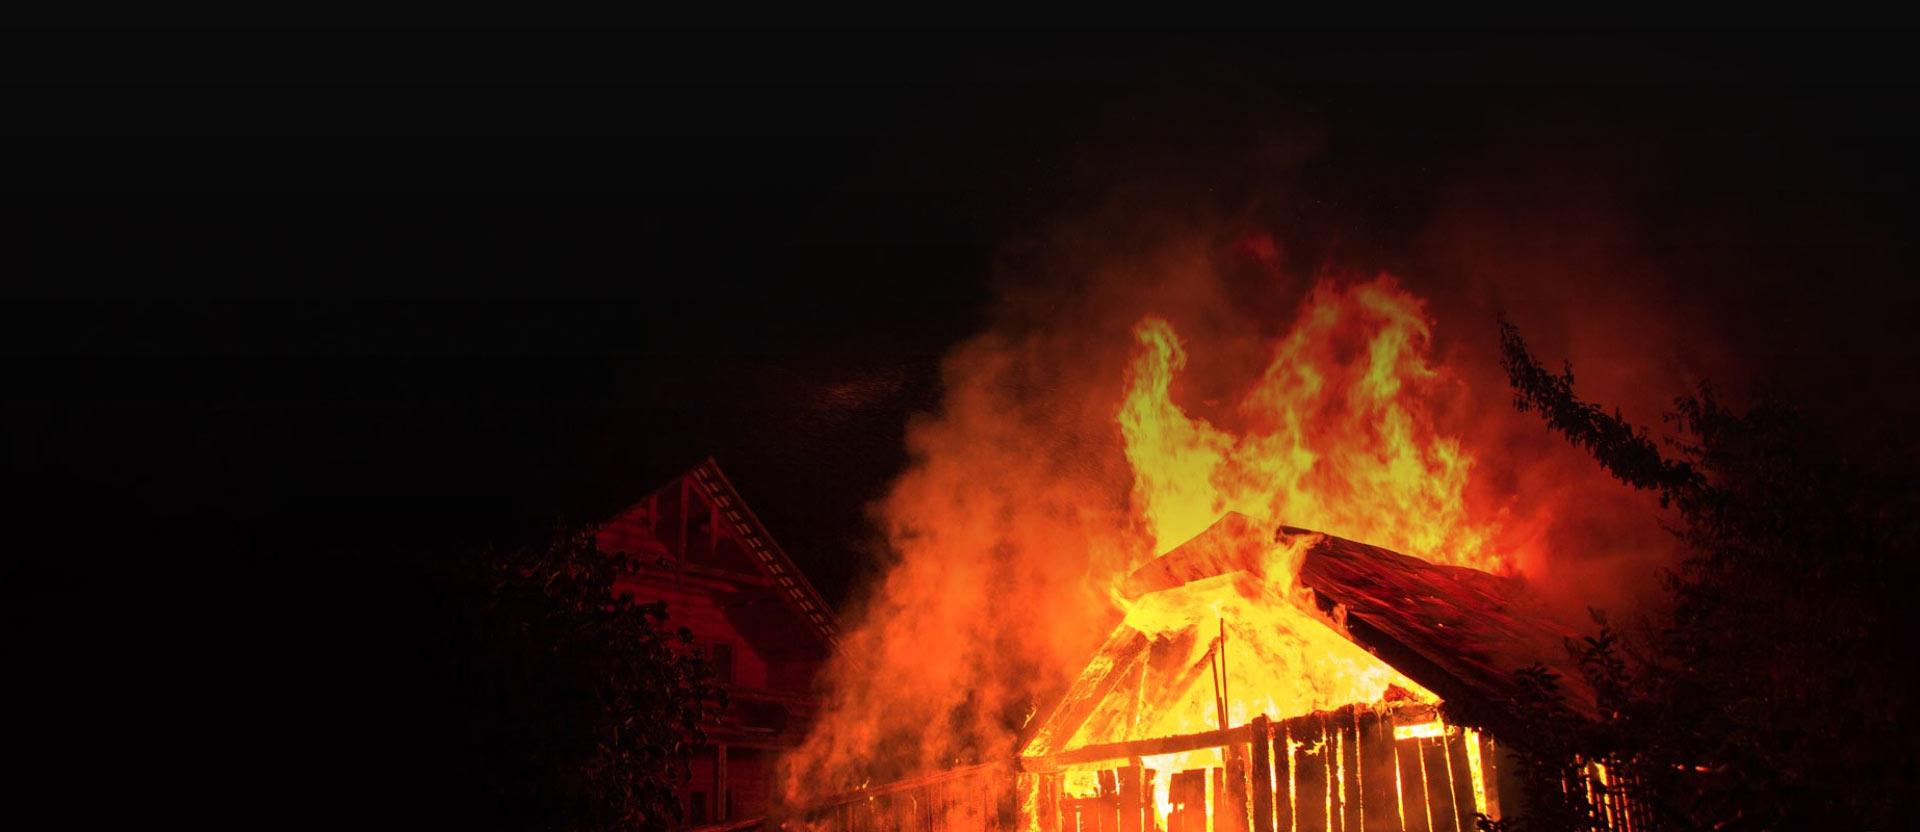 Cosa fare in caso di incendio | Brendolan Emergency